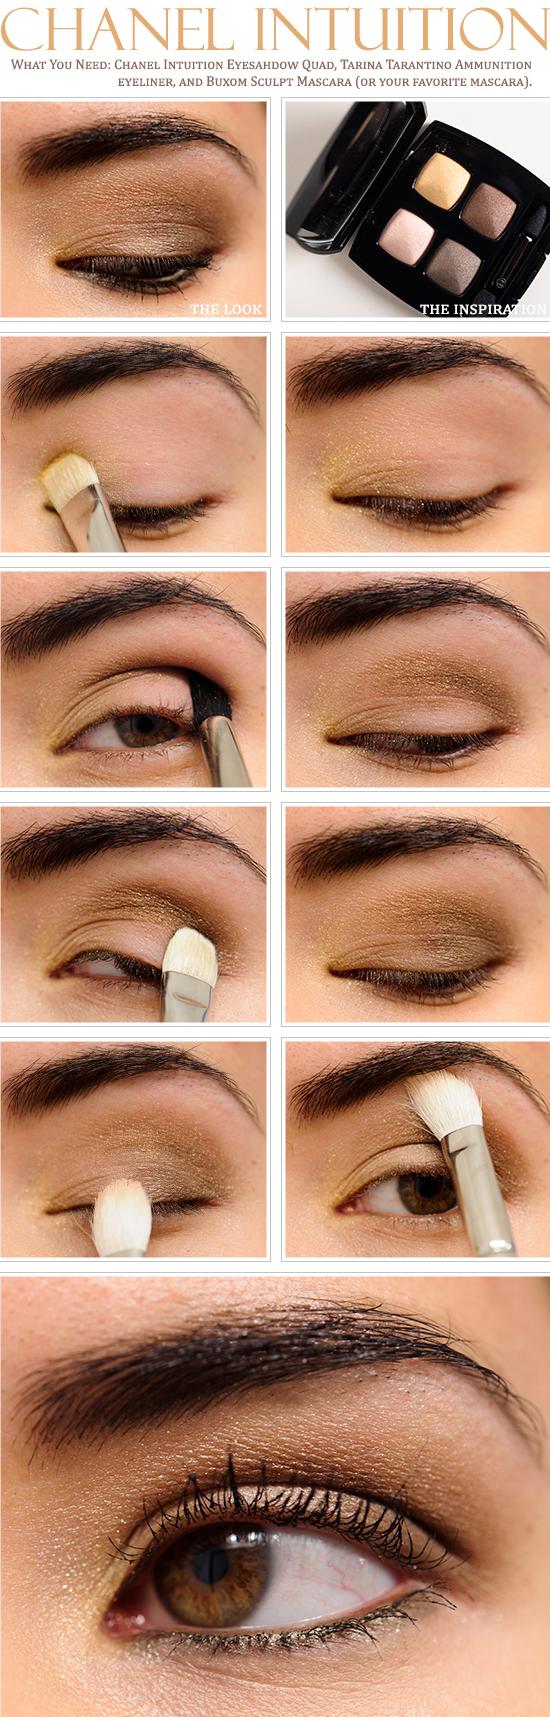 Chanel Intuition Eyeshadow Quad